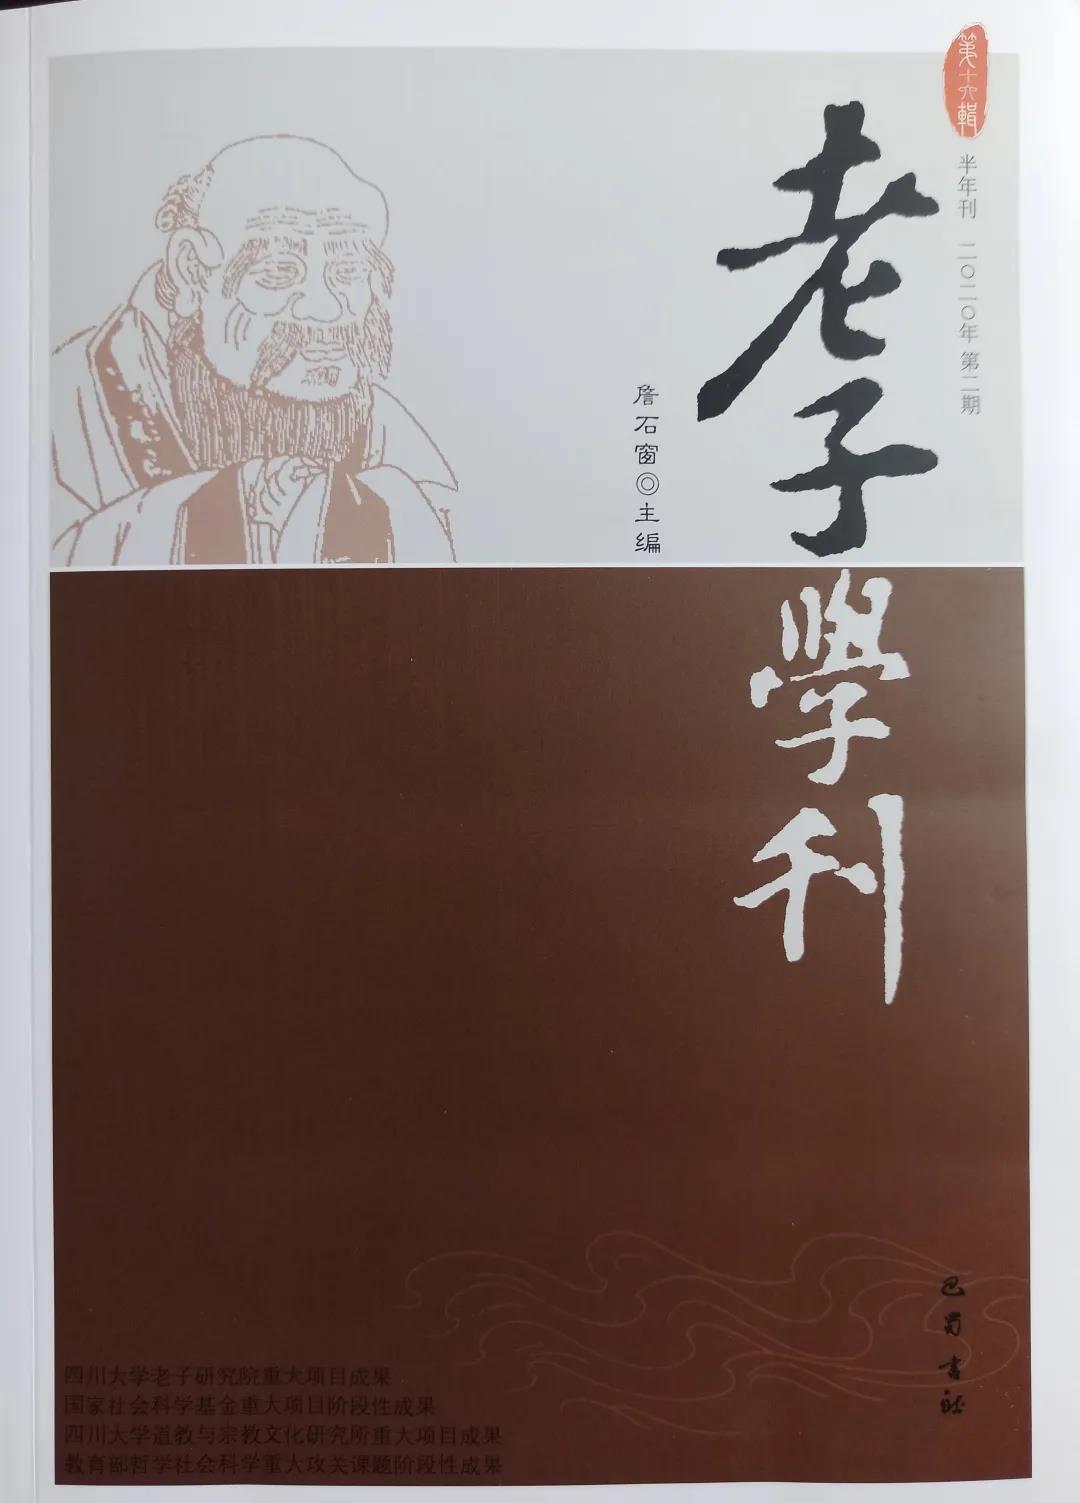 期刊杂志:《老子学刊》第16辑目录